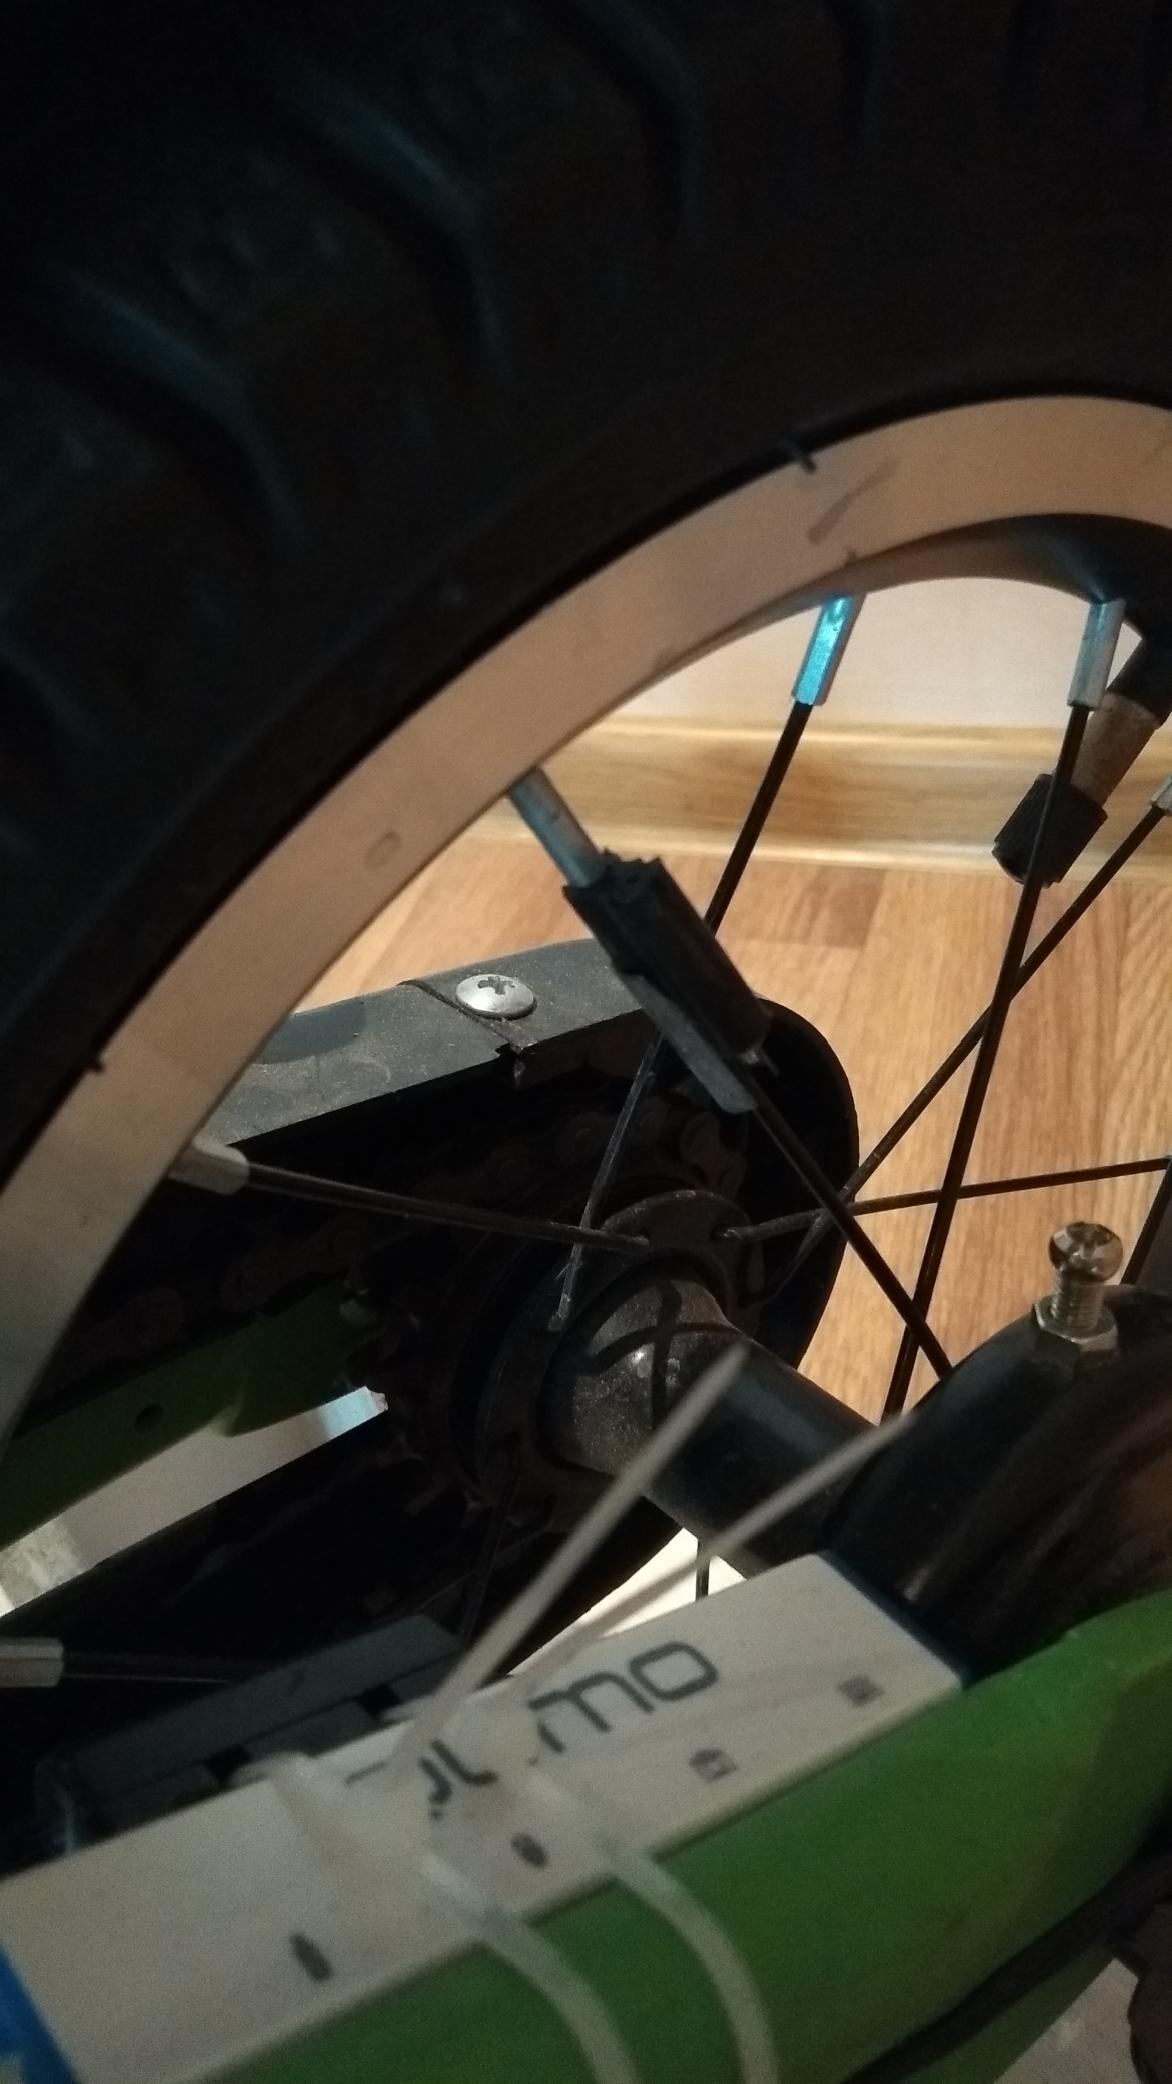 Велотренажер #Самоизоляция или как угомонить ребенка на карантине - 10